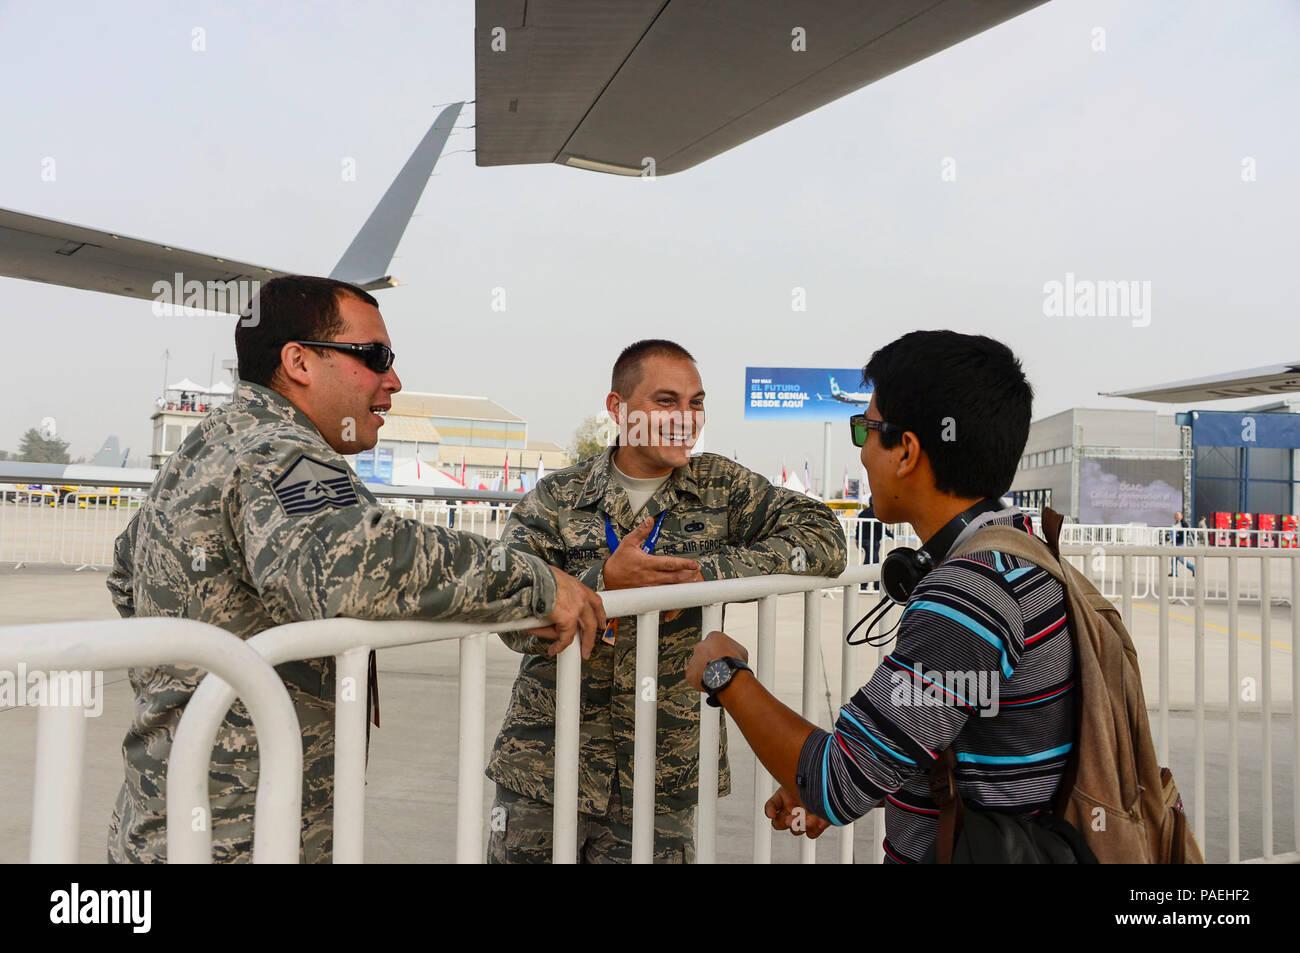 El Sargento Primero. Mario Munive y El Teniente Daniel Grotte, de la Guardia Nacional Aérea de Houston, Texas, hablar con los visitantes acerca de las capacidades del MQ-1 Predator 2016 durante la Feria Internacional del Aire y del Espacio (FIDAE) en Santiago, Chile, 30 de marzo de 2016. Durante la FIDAE, aviadores estadounidenses participaron en varios expertos en la materia de intercambios con sus homólogos chilenos y también acogió exhibiciones estáticas y manifestaciones de apoyo a la antena air show. (Ee.Uu. Foto de la fuerza aérea por Tech. El Sgt. Heather Redman/liberado) Foto de stock